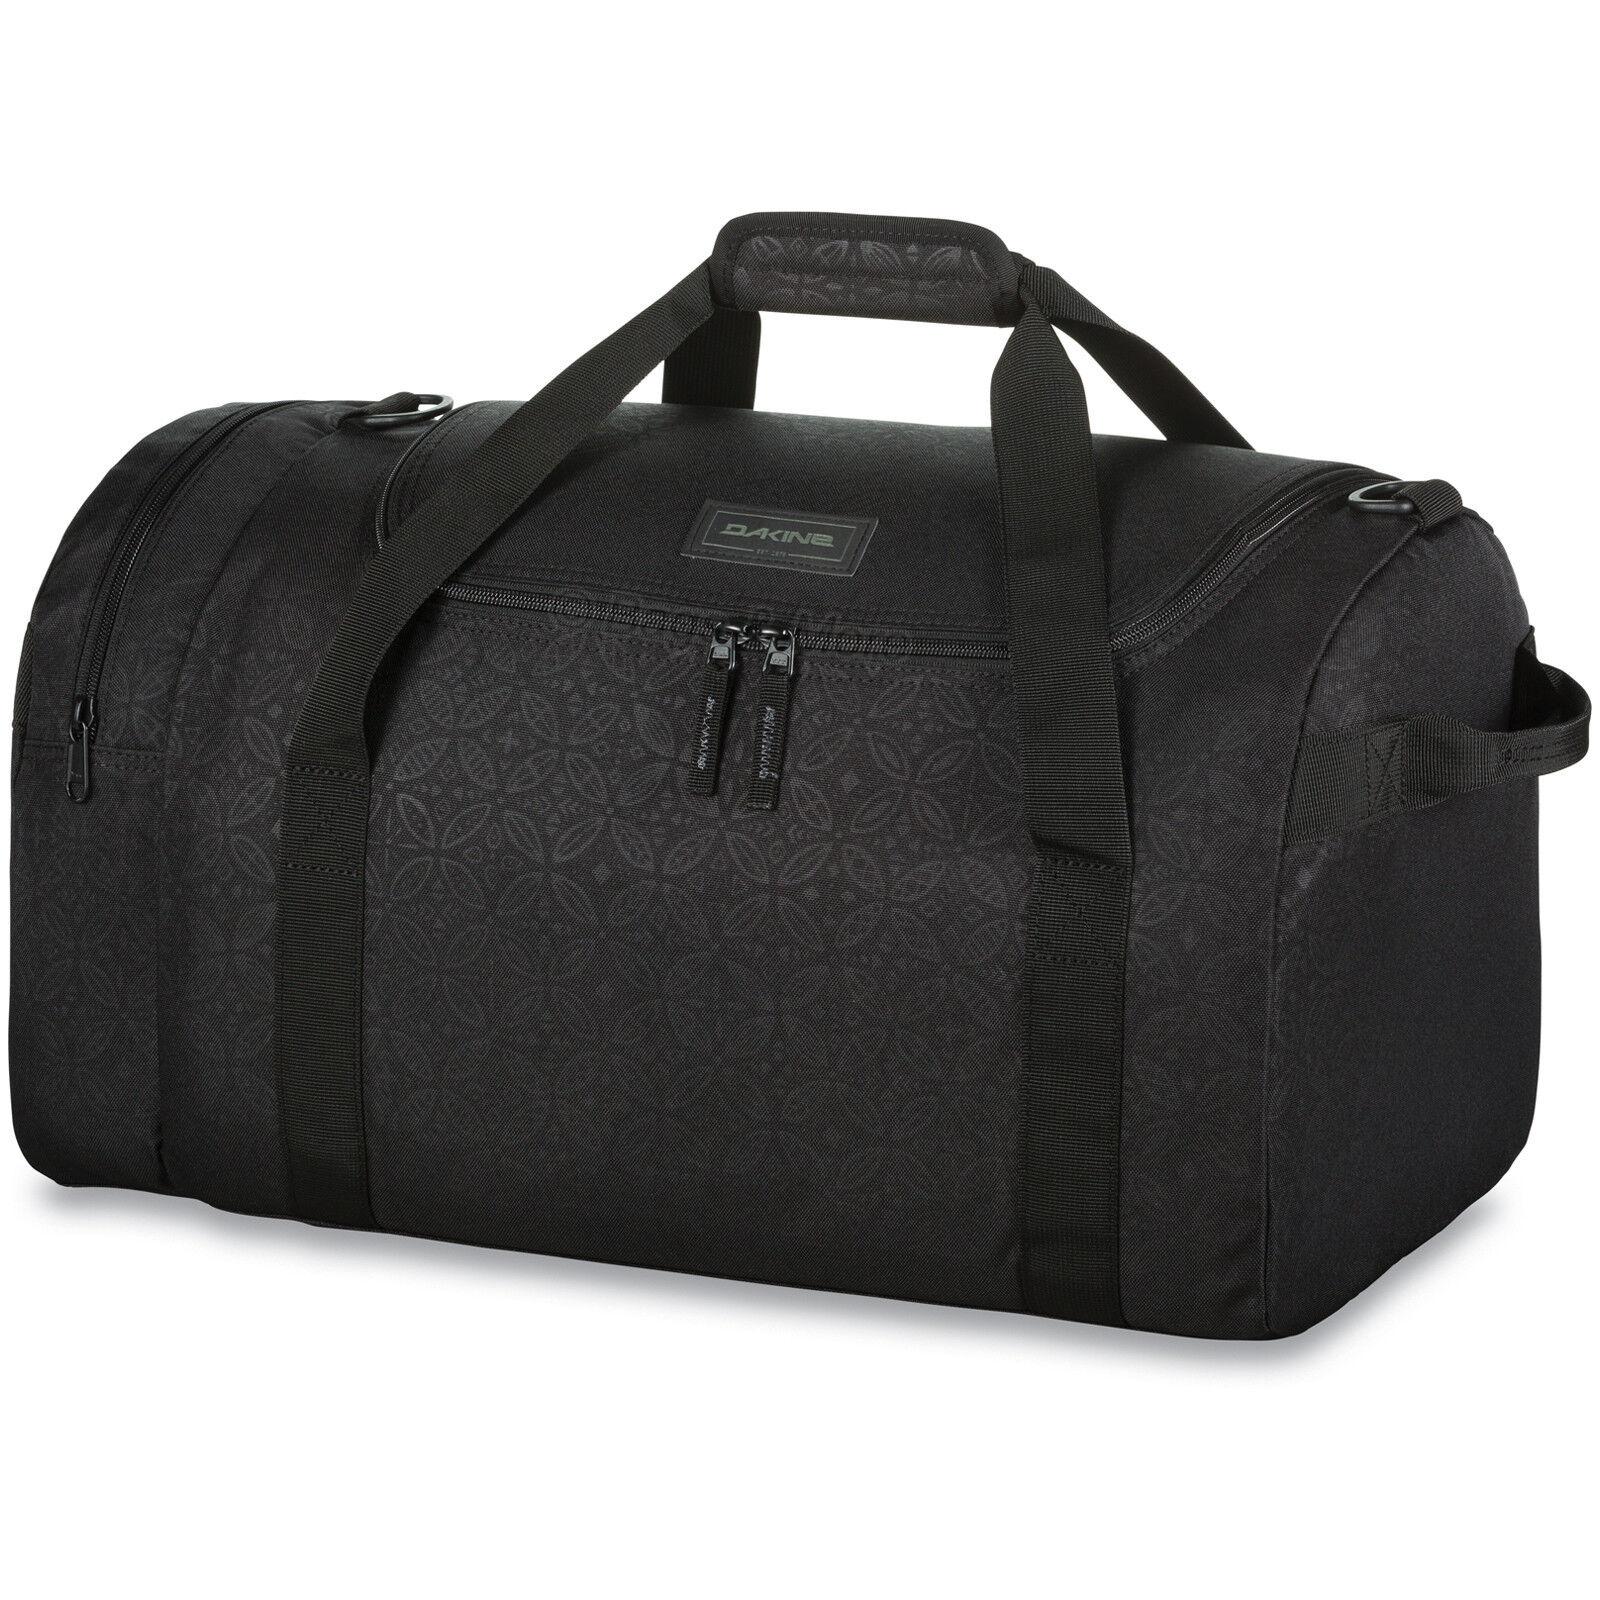 DAKINE Sporttasche Reisetasche Wochenendtasche Tasche EQ EQ EQ BAG SM 31l Fitness NEU 74c863